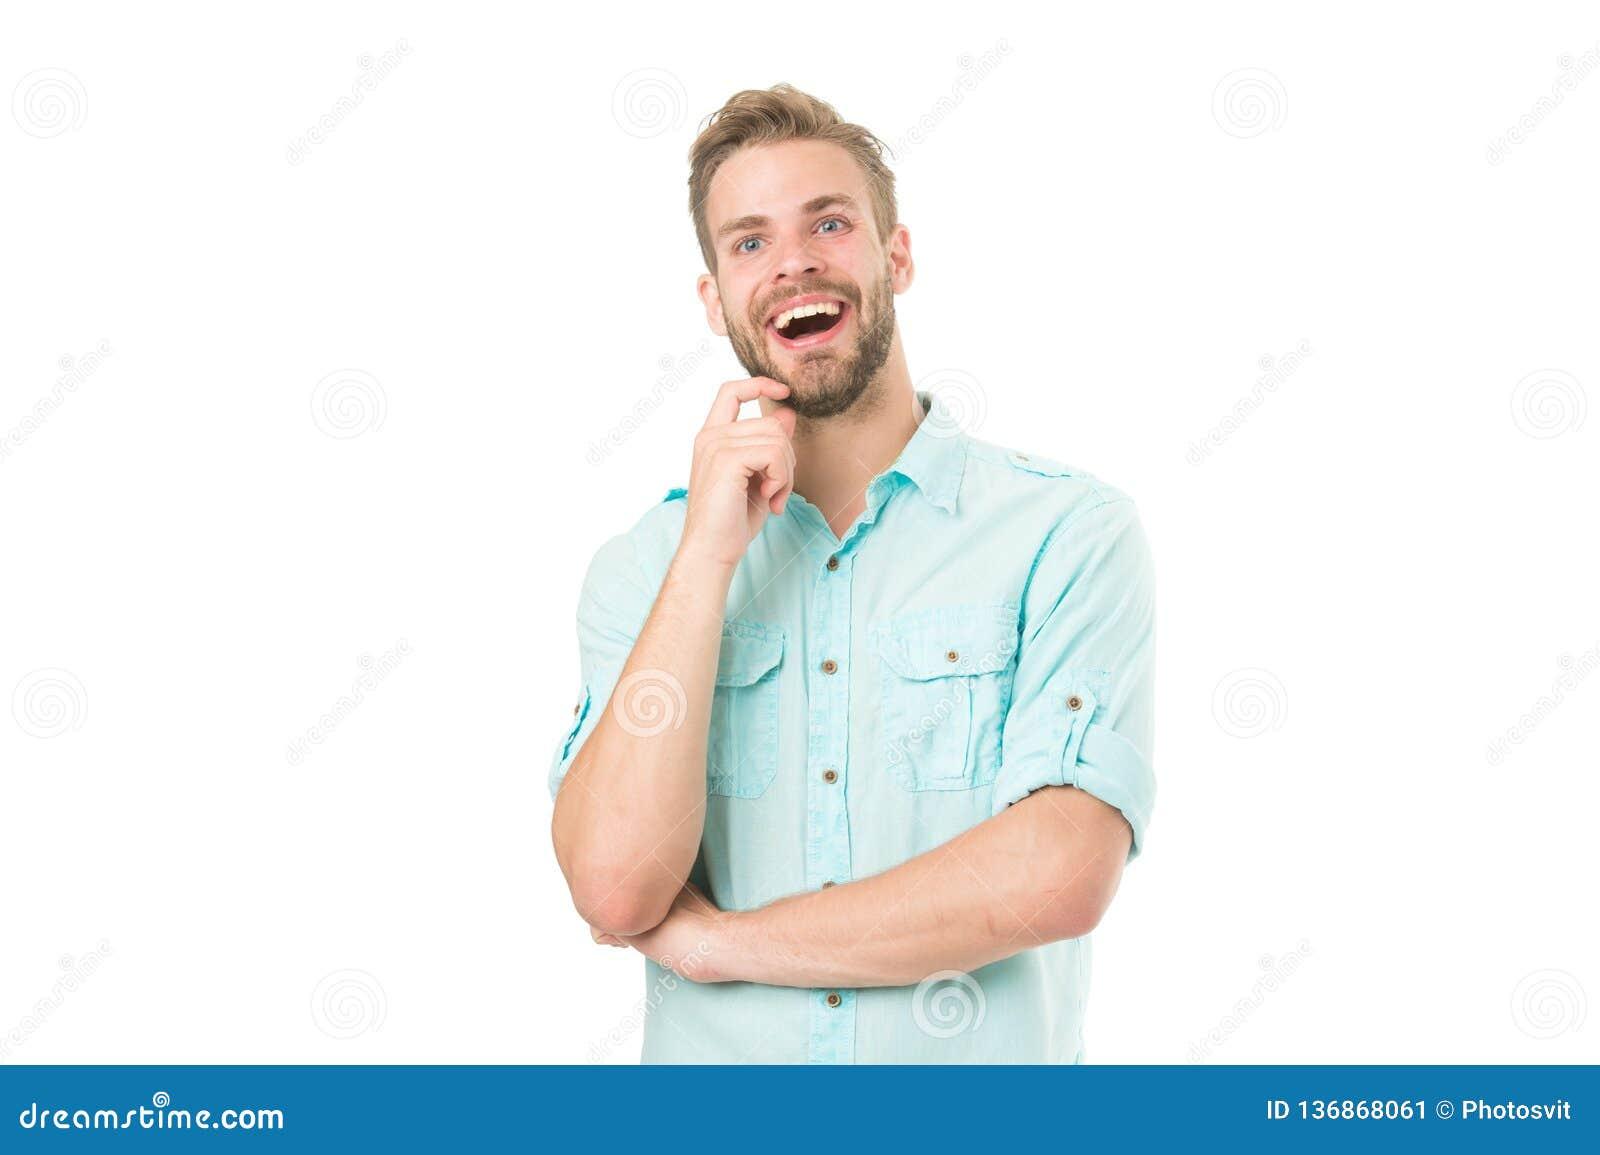 Fira det bra resultatet all problemlösning Fyndlösning Man med borstet som ler framsidavitbakgrund grabb